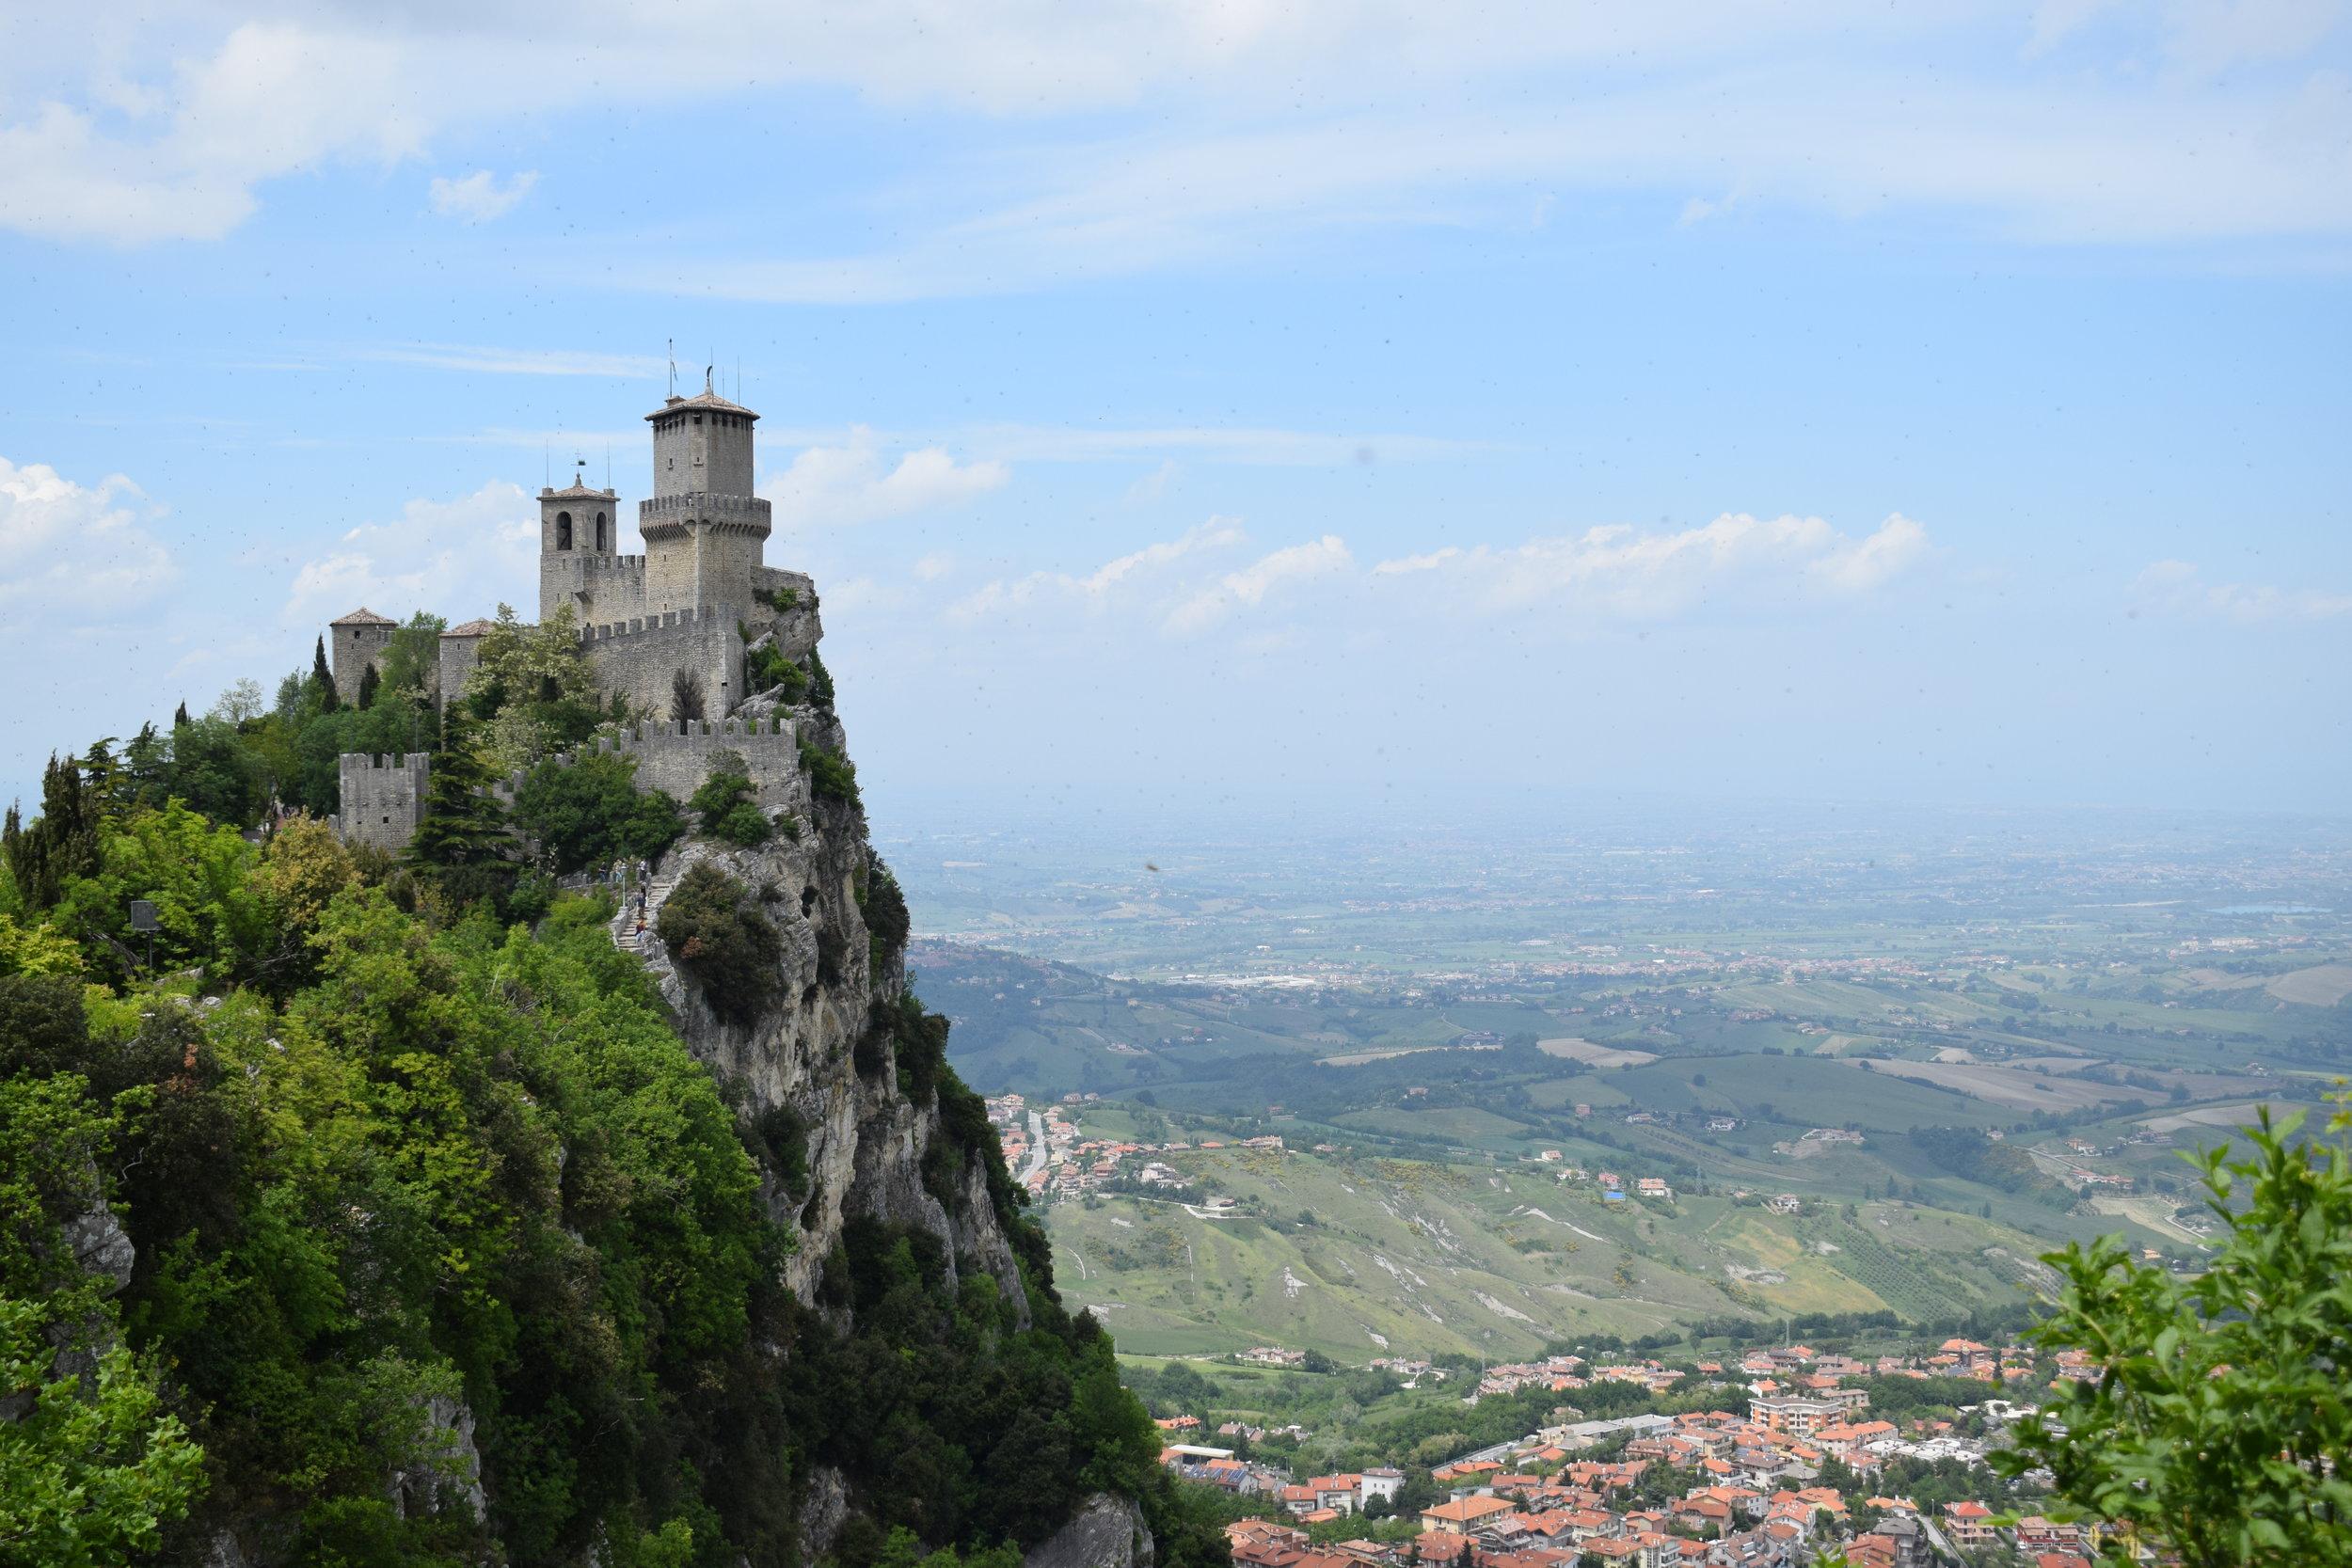 One of San Marino's three towers.